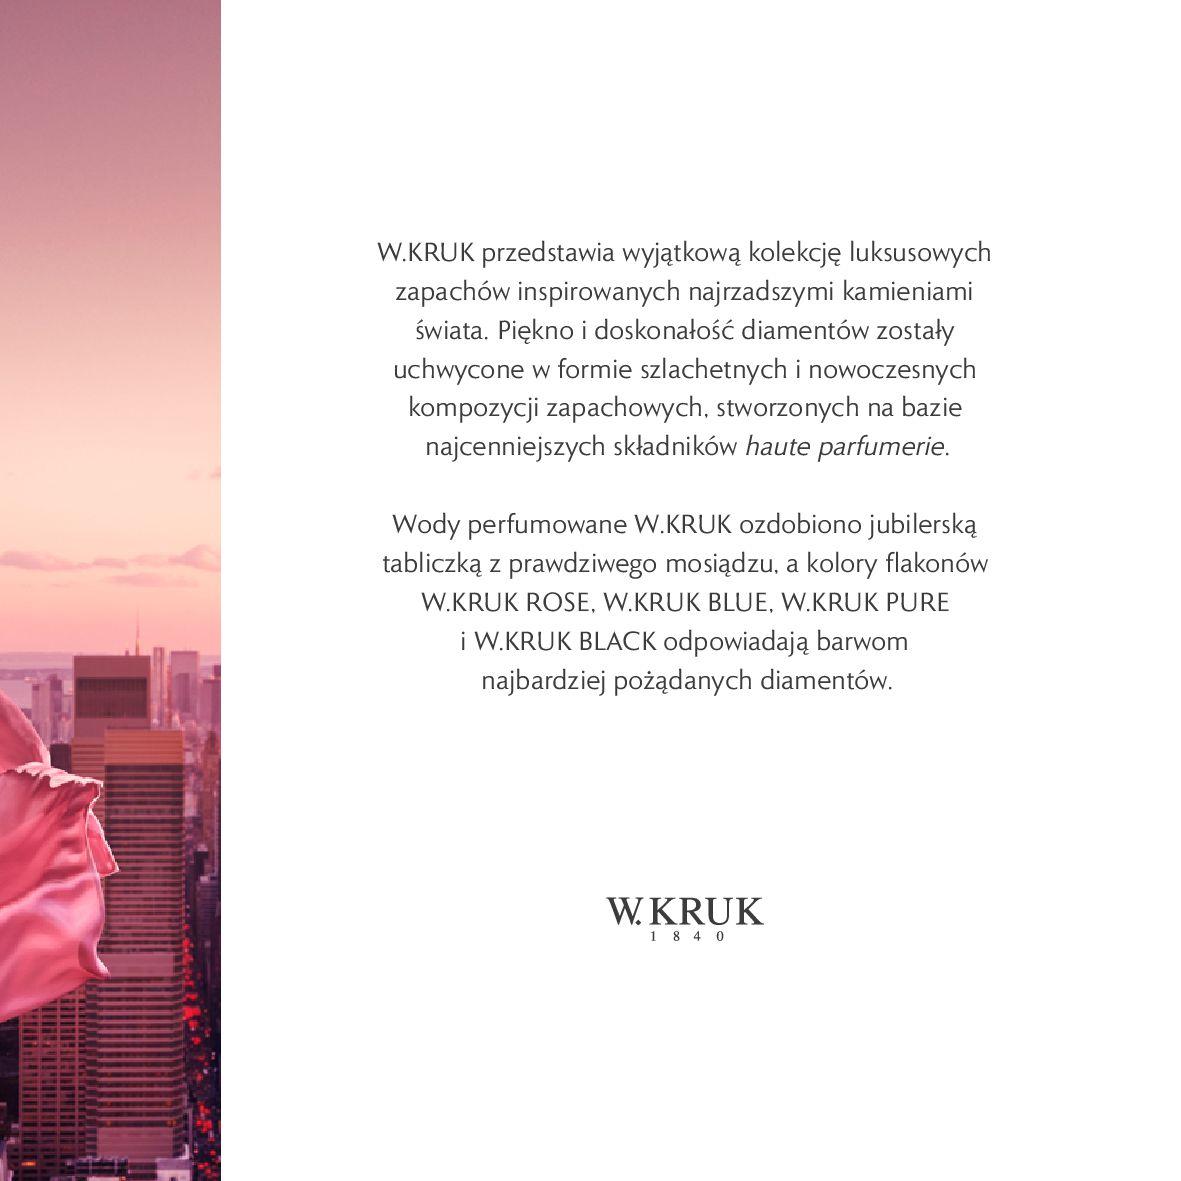 Gazetka W. KRUK: Katalog - Perfumy 2021-02-17 page-3